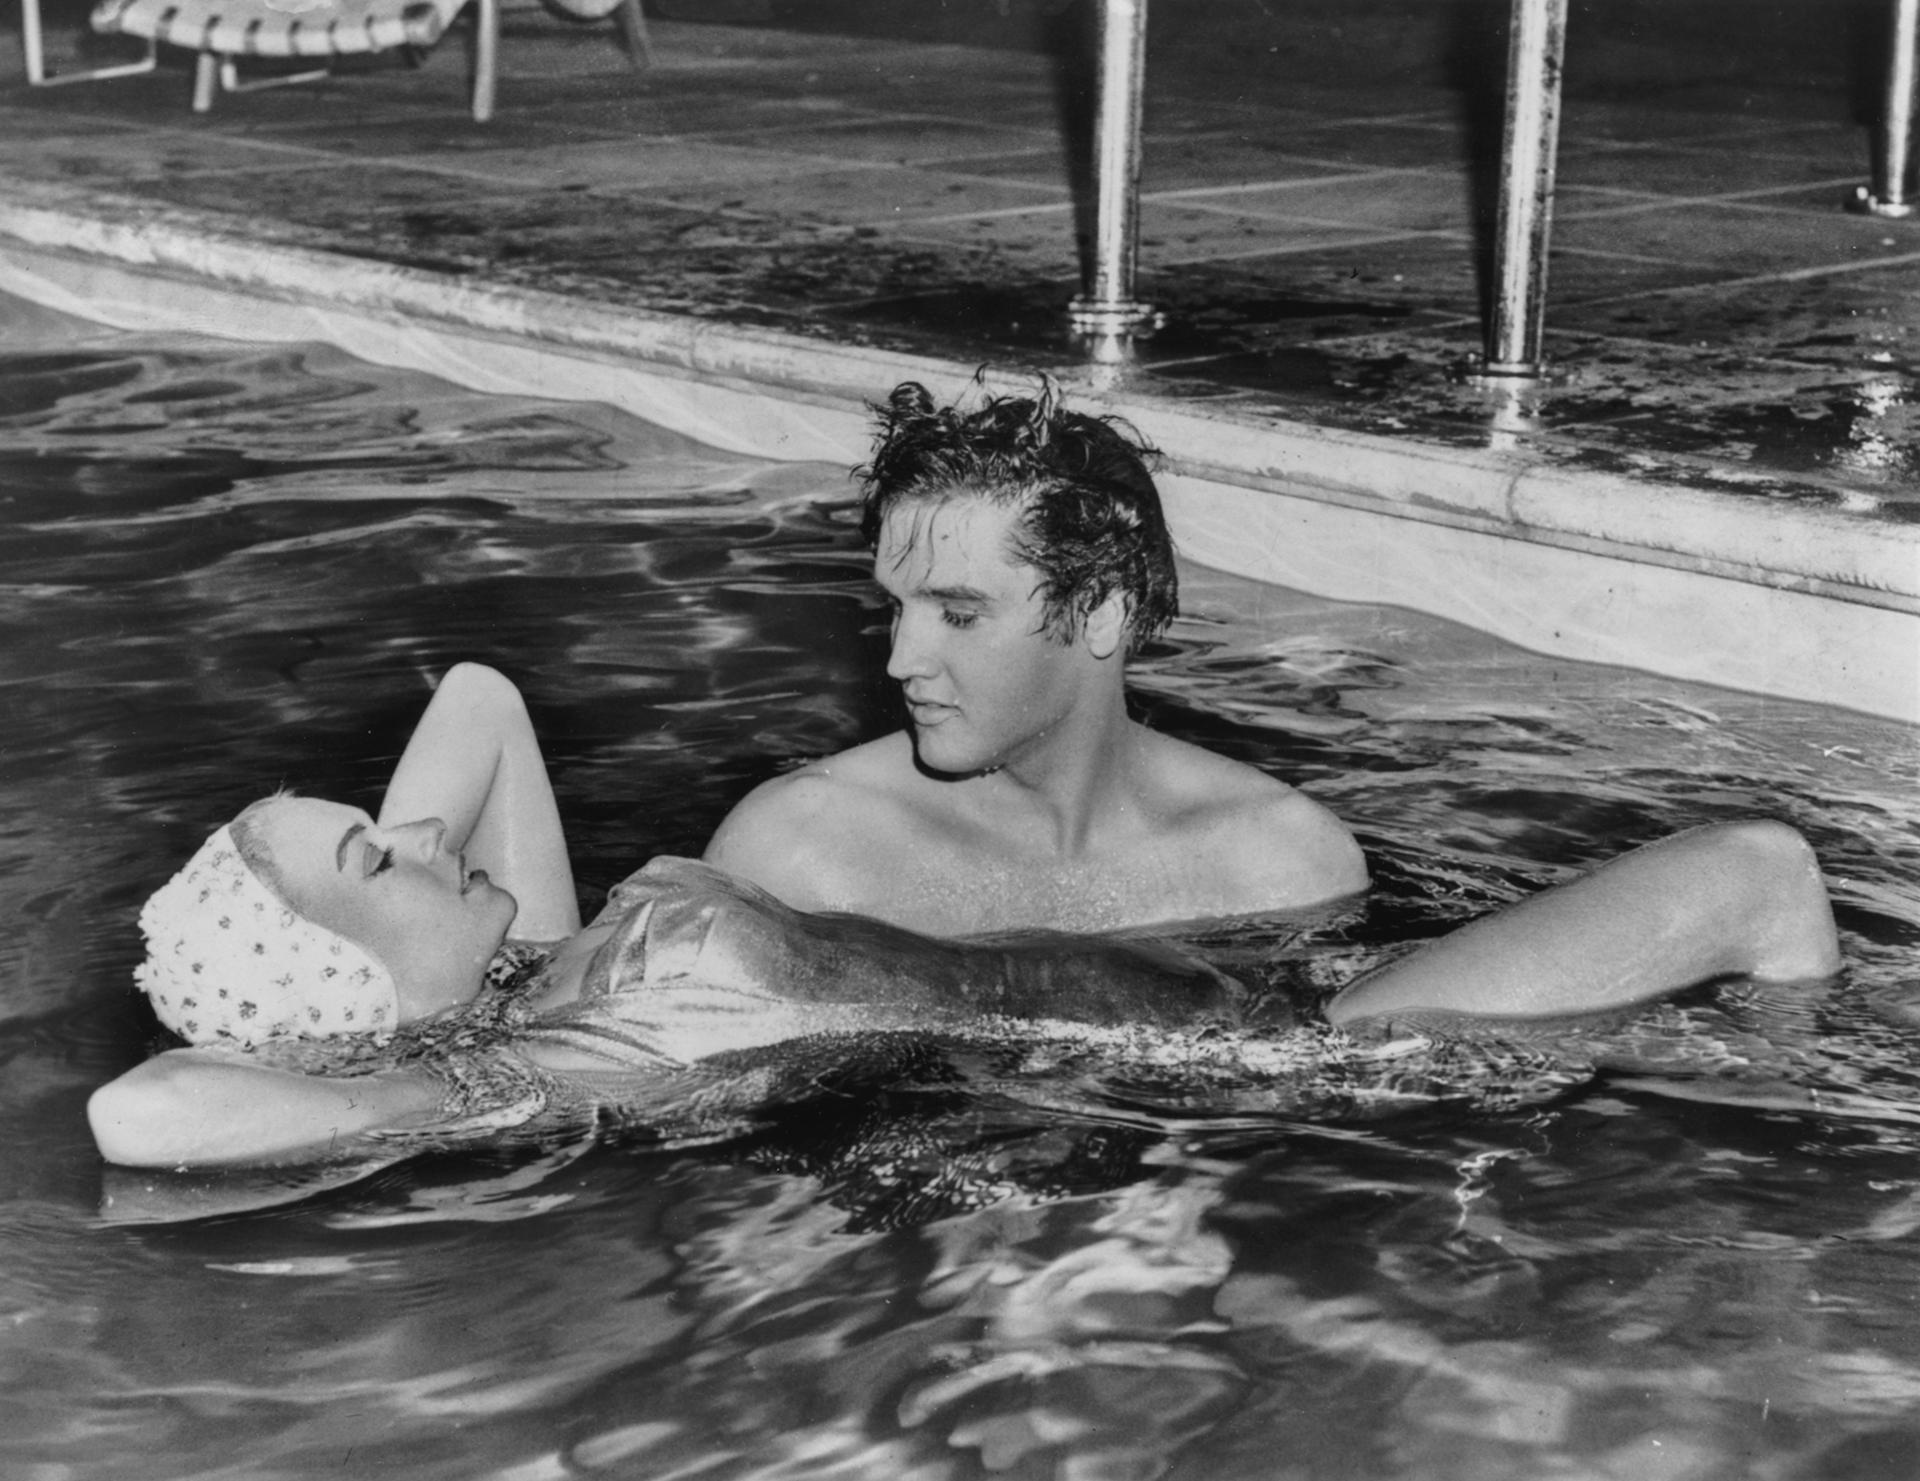 Cantor Elvis com Jennifer Holden, seu parceiro no filme 'Jalihouse Rock', passando seu tempo livre filmando na piscina em 1957 (Foto: Keystone / Hulton Archive / Getty Images)